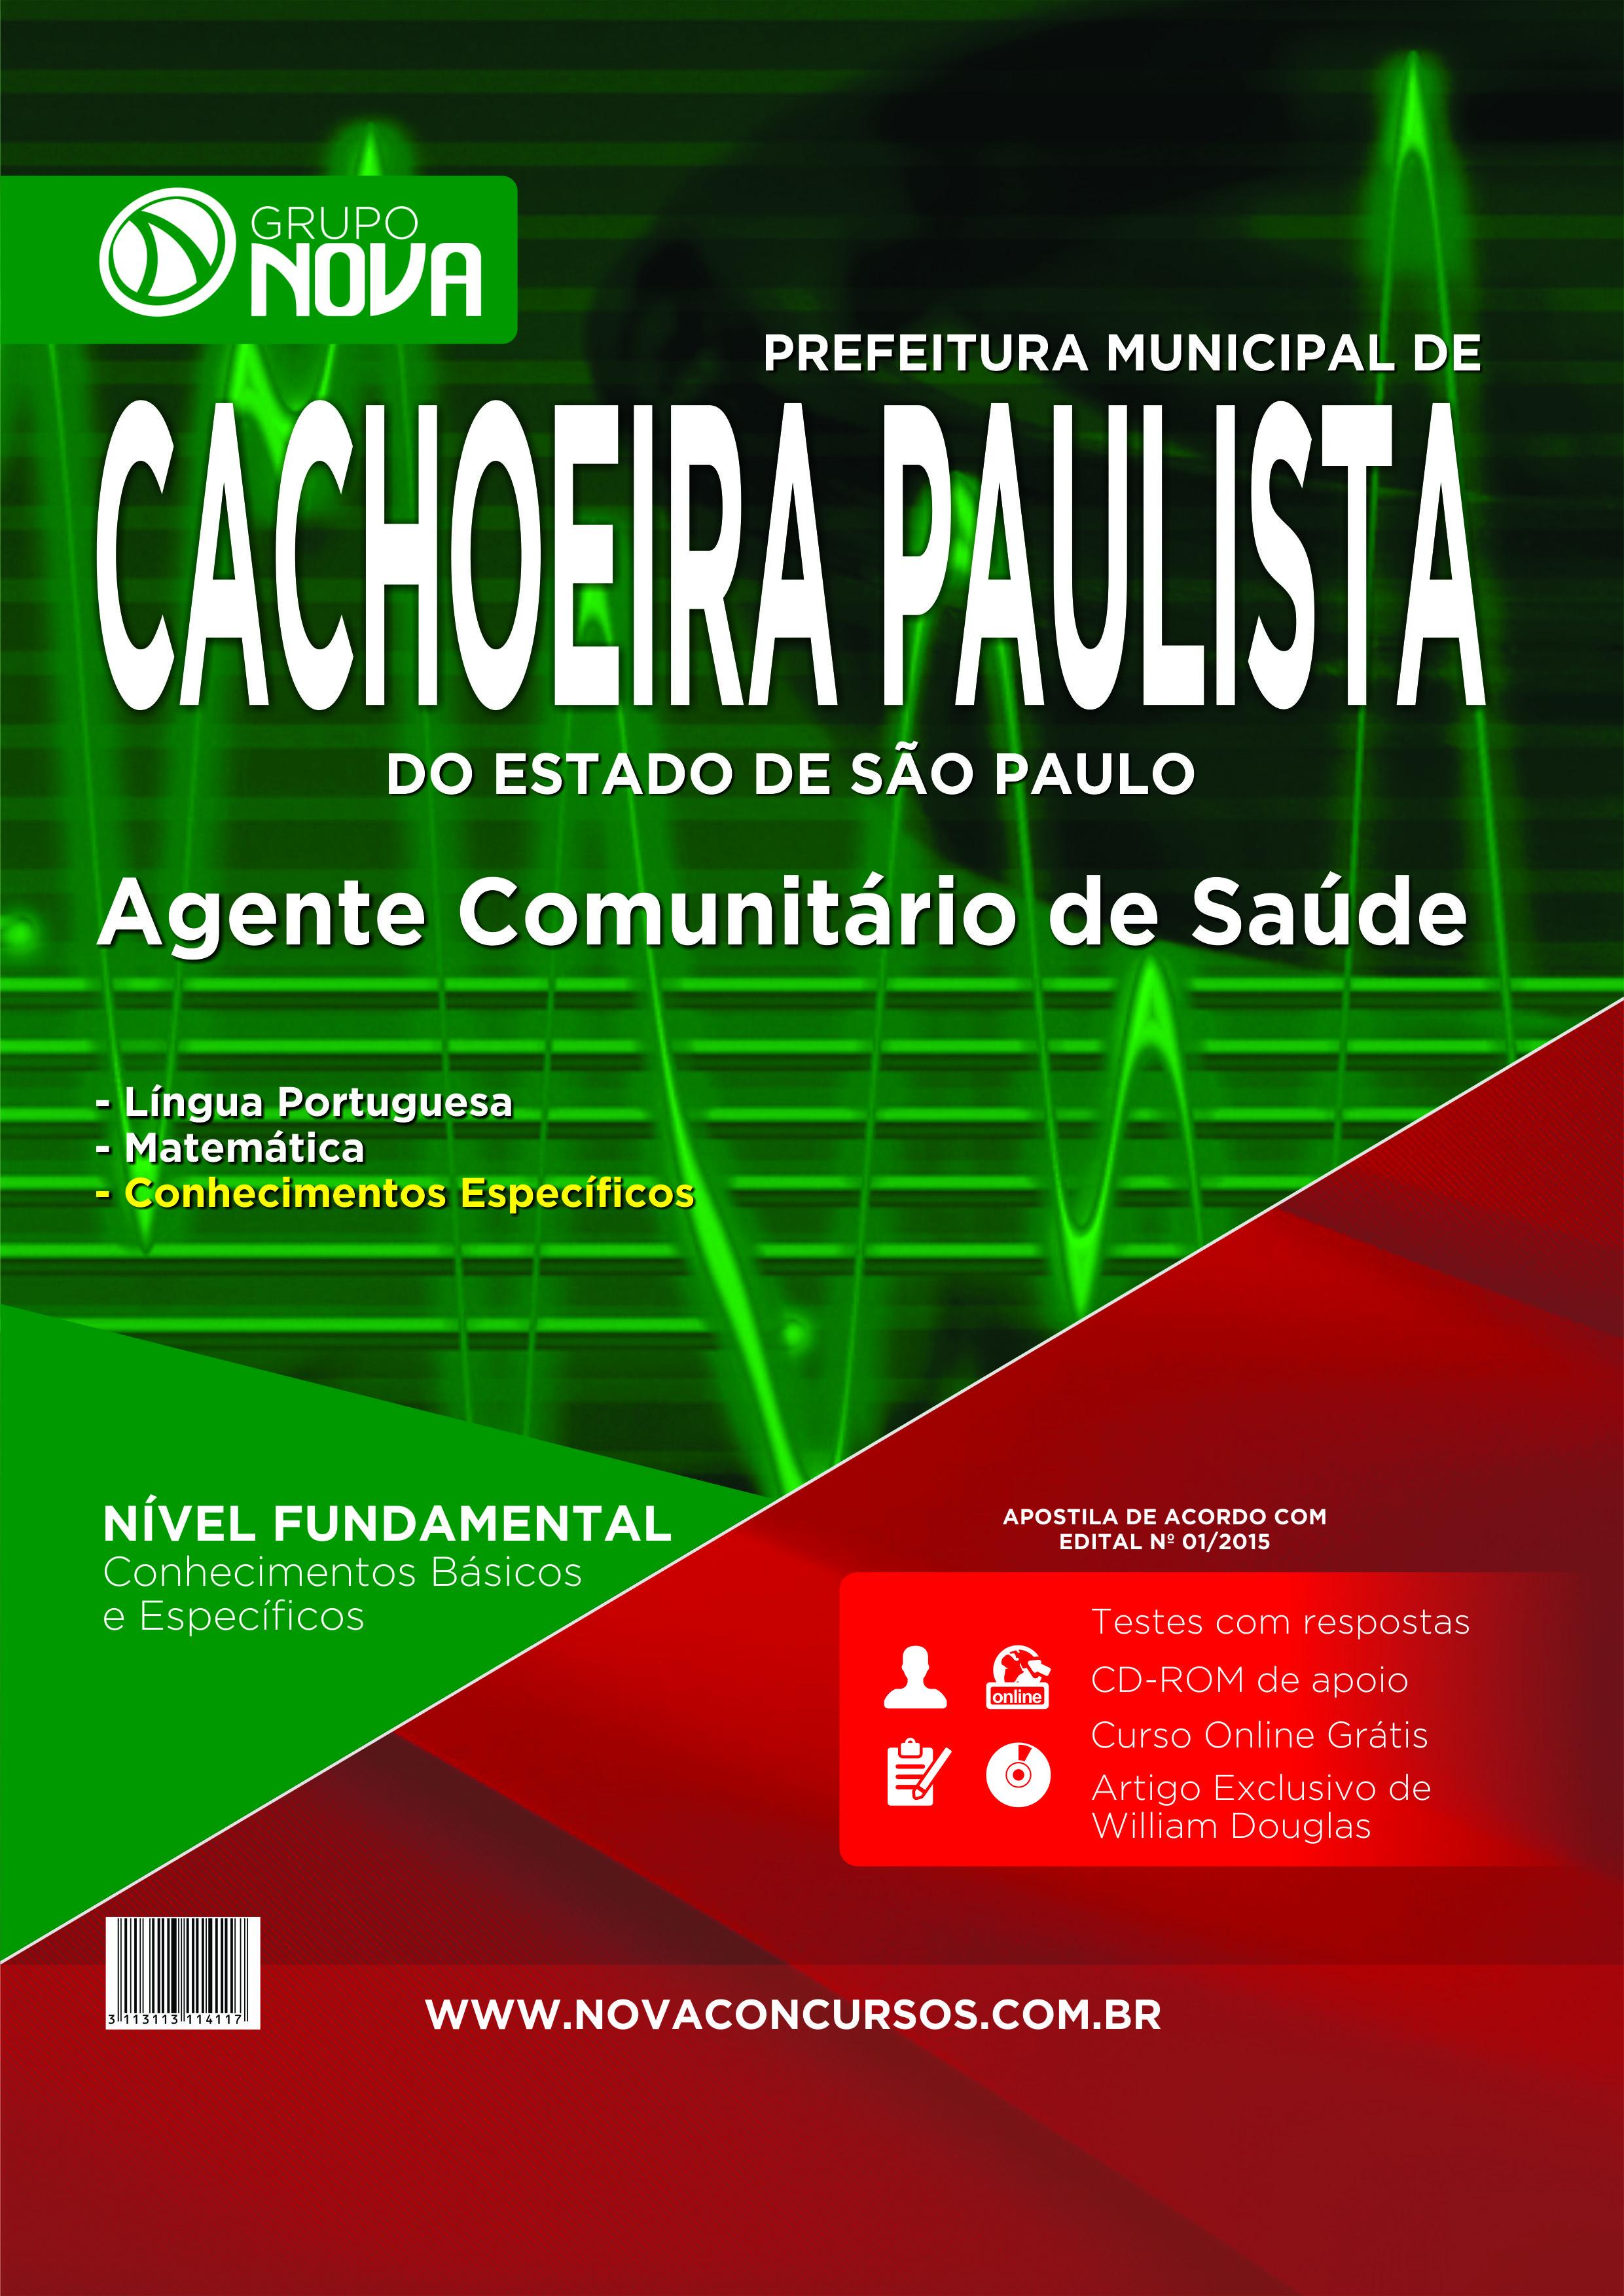 Apostila Cachoeira Paulista 2015 - Agente Comunitário de Saúde ( Impresso )